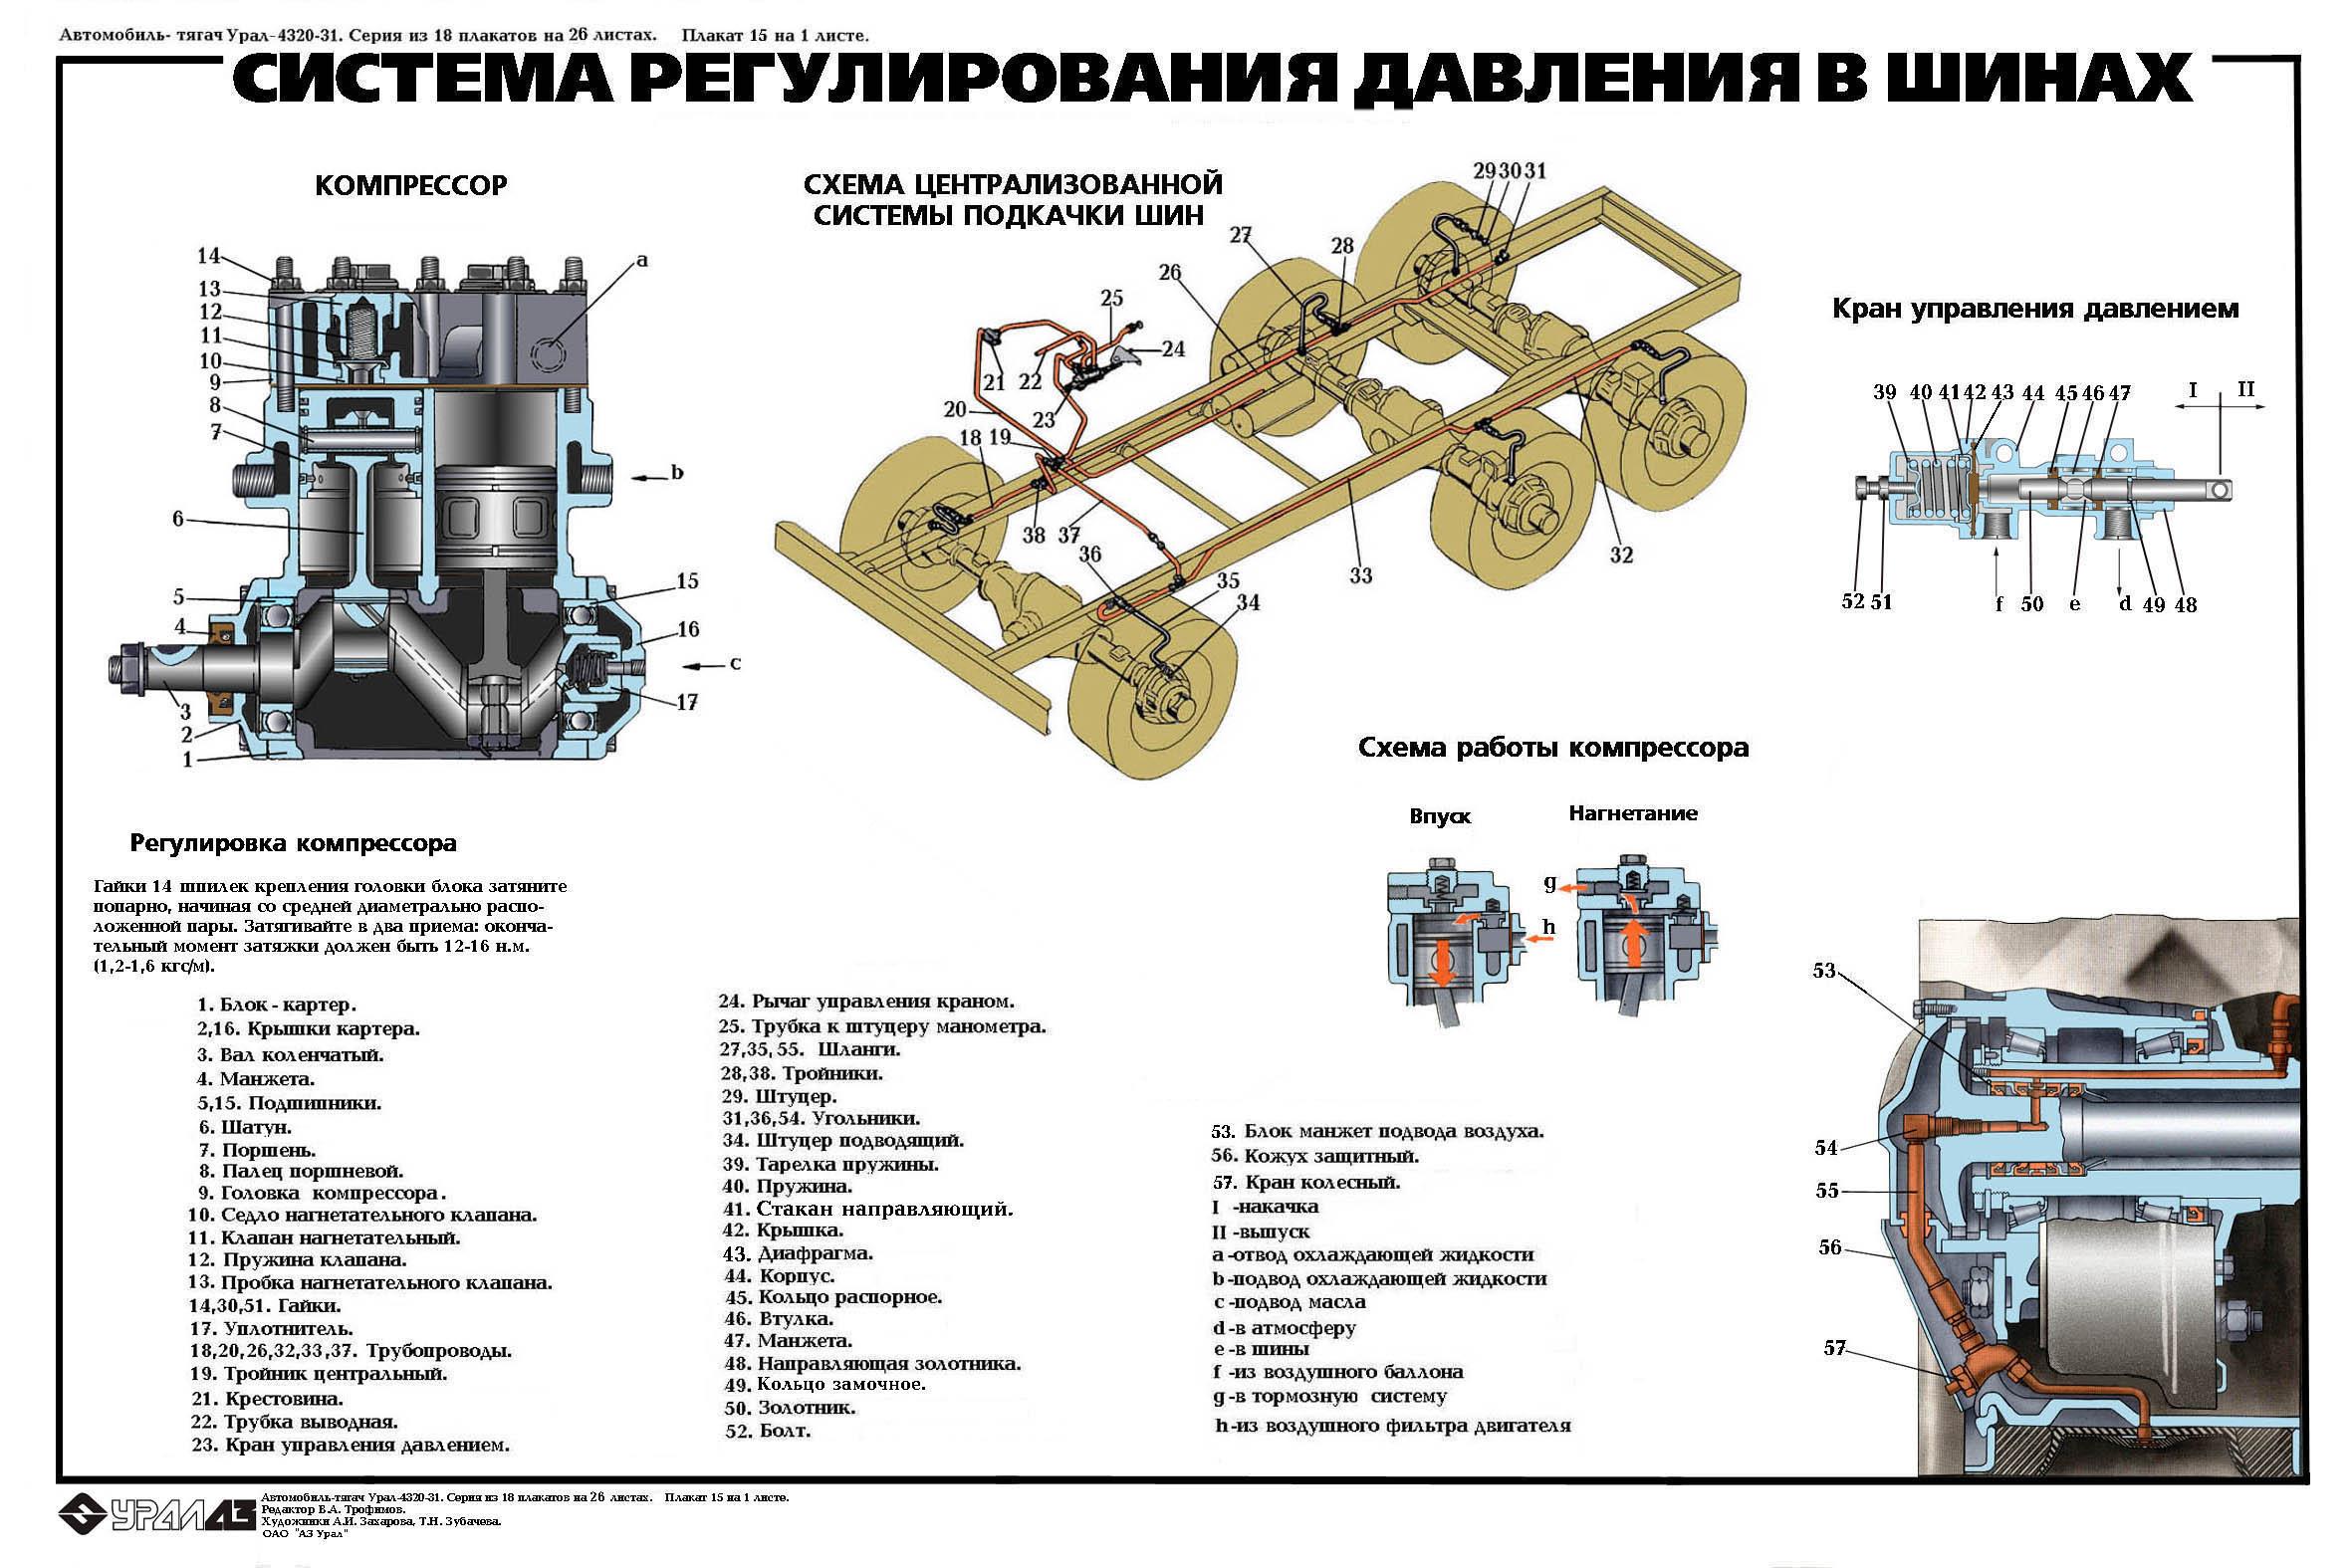 Система регулировки давления в шинах предназначена для прохождения автомобилем сложных участков местности - пески...